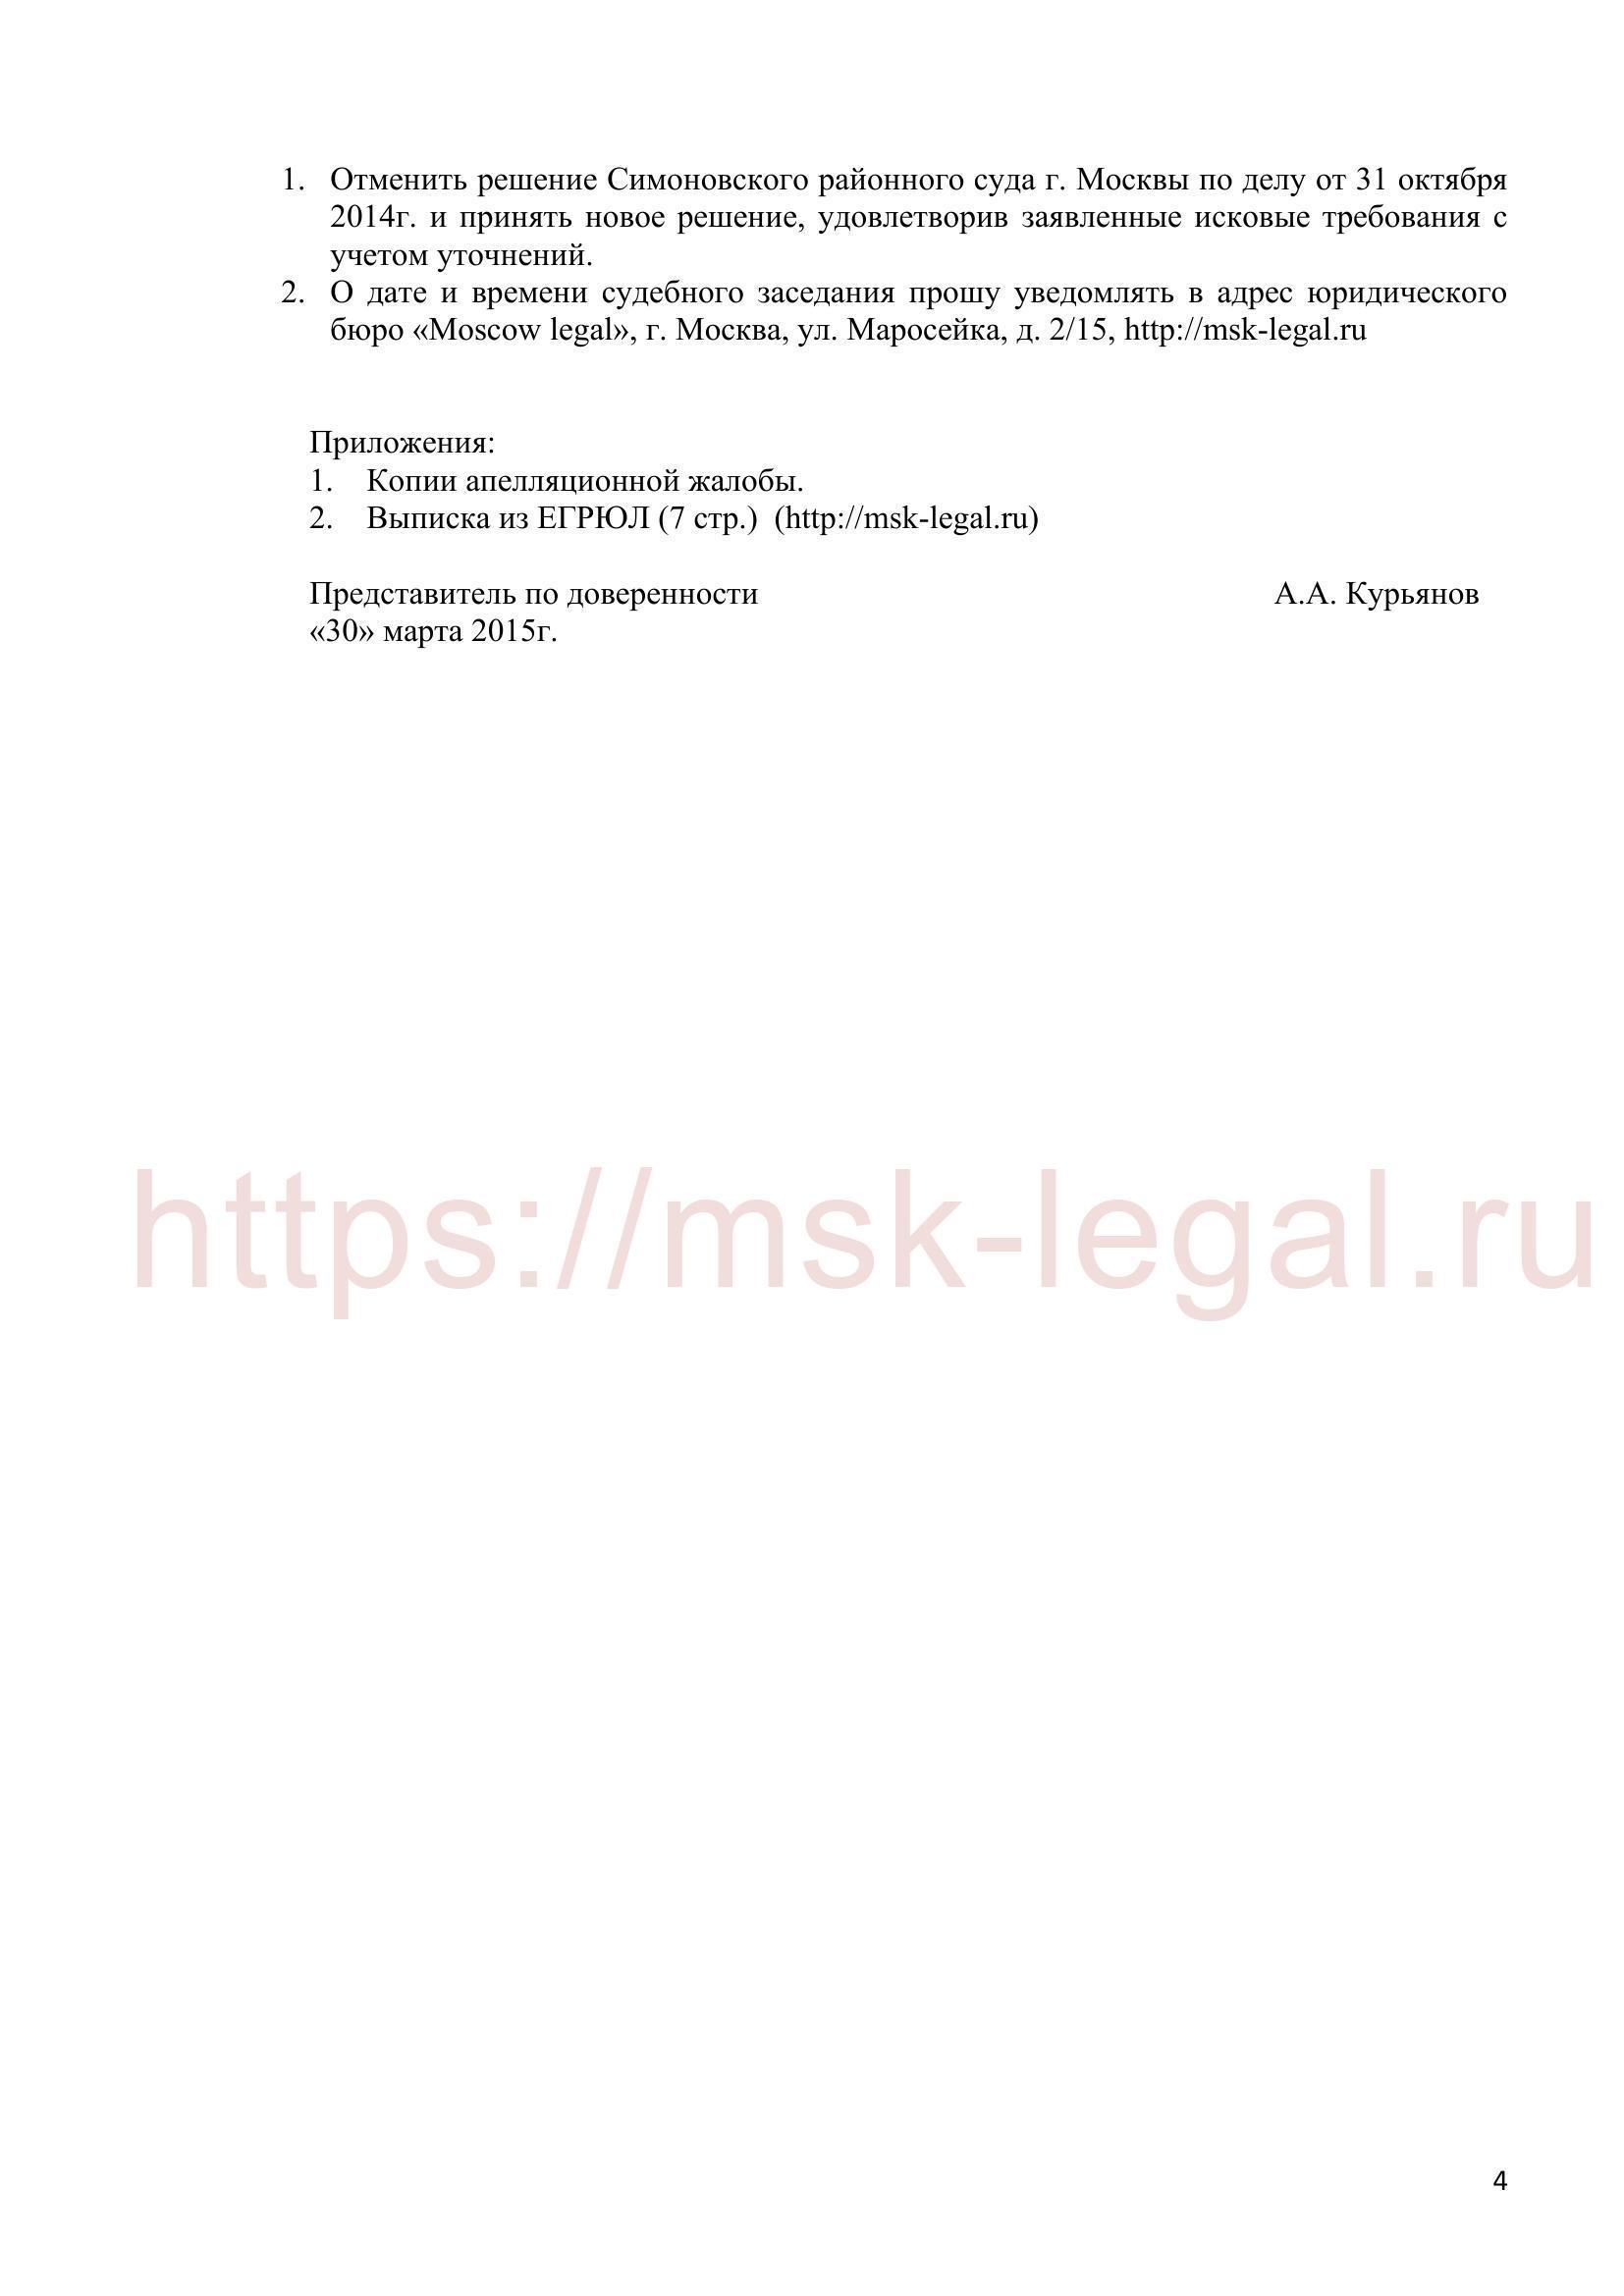 Апелляционная жалоба по делу о взыскании денежных средств по договору